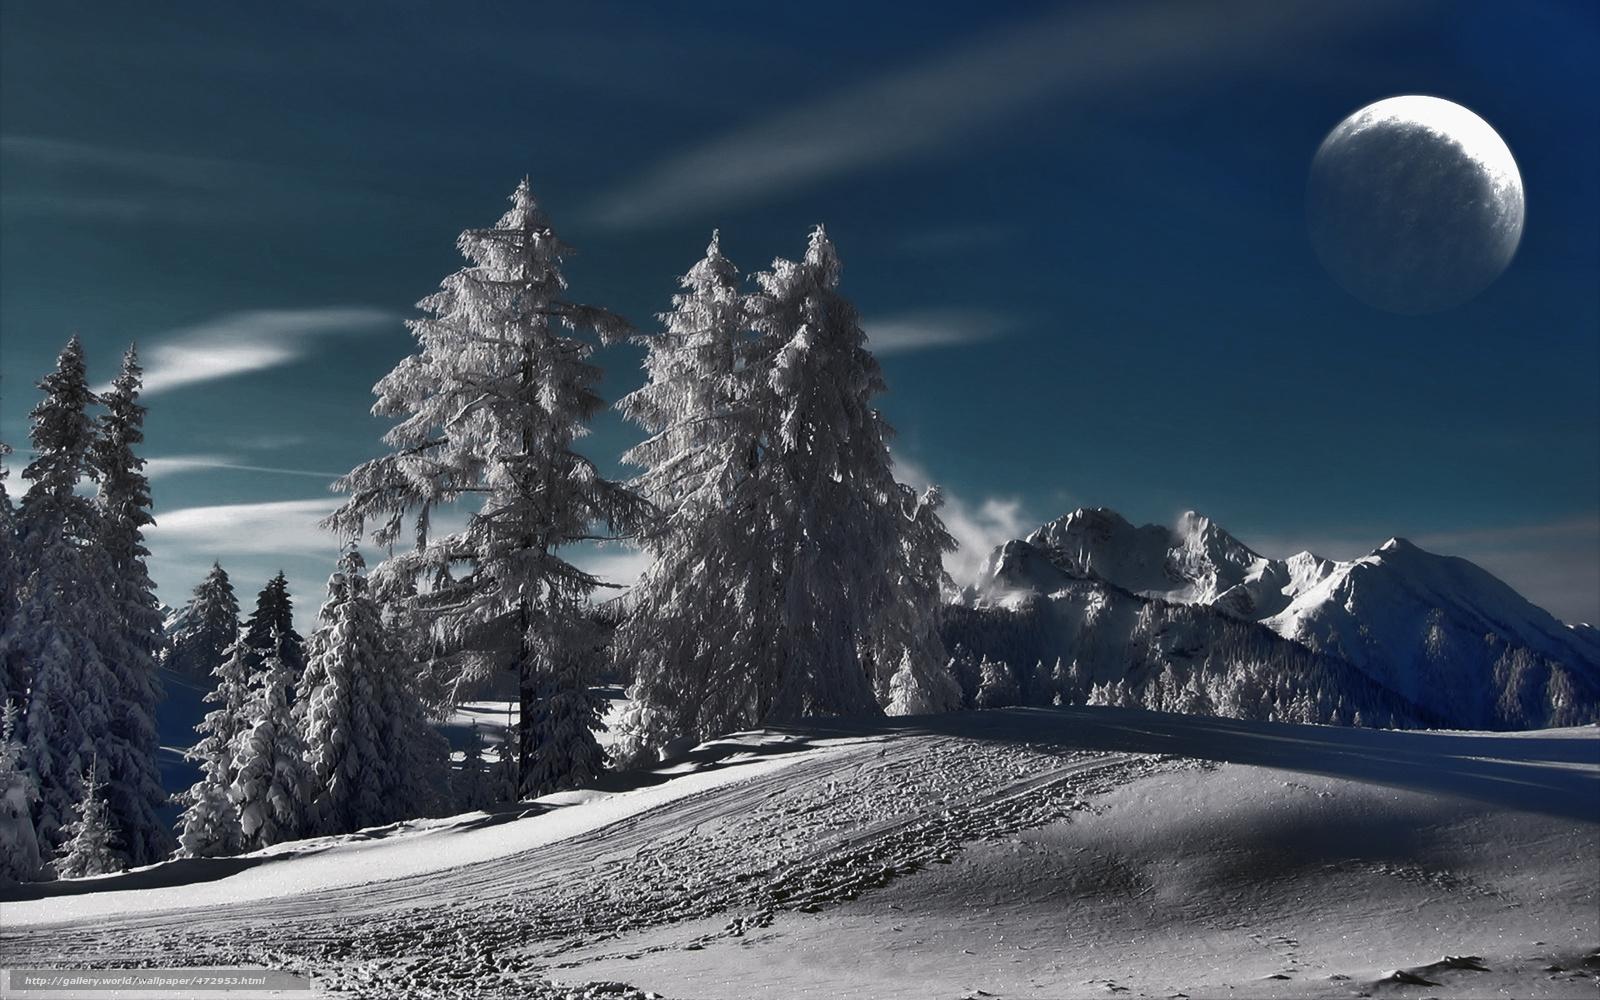 winter snow mountain moon - photo #44